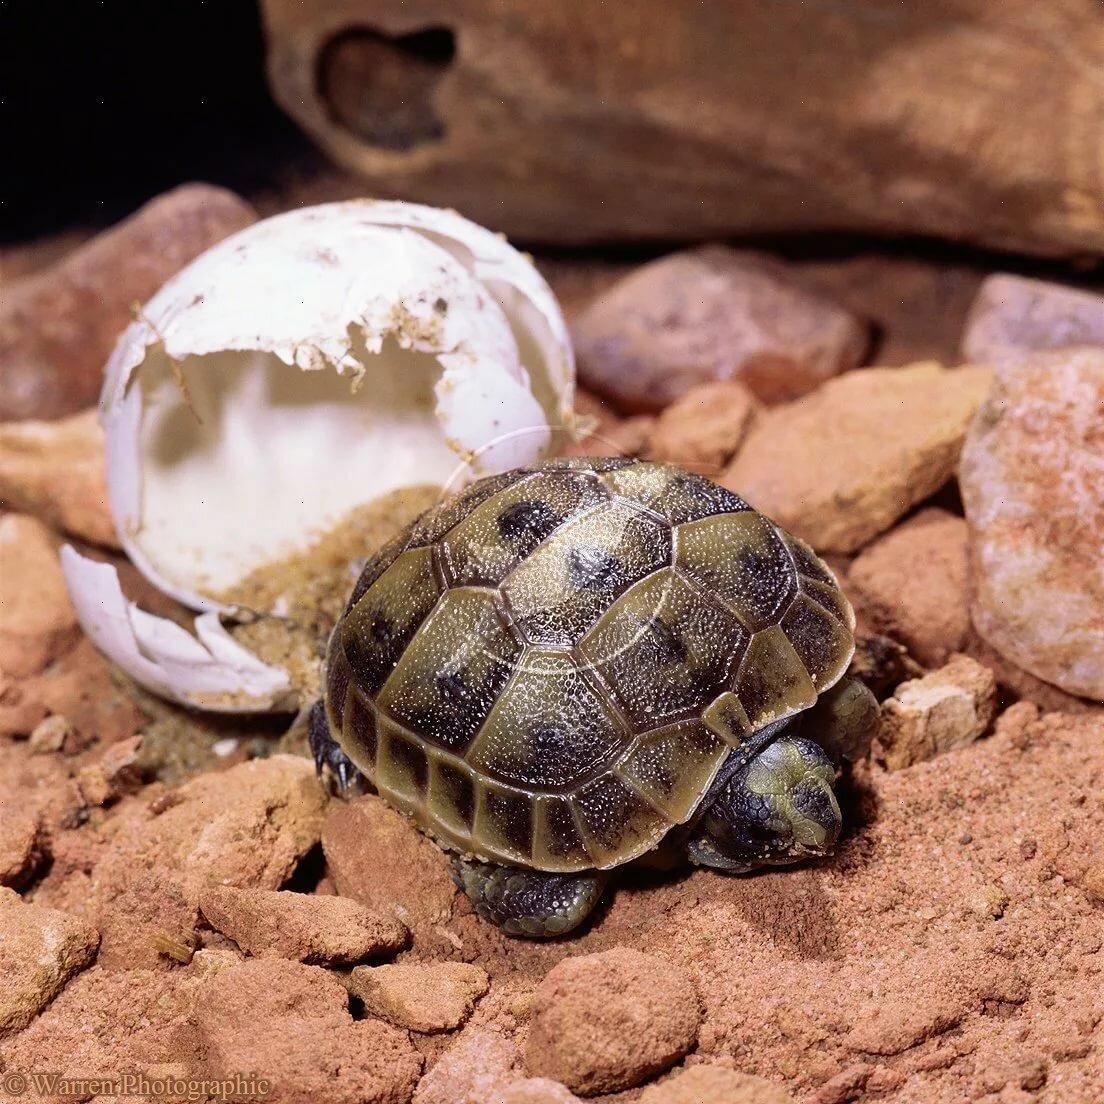 Выживет ли сухопутная черепаха зимой на улице. спячка черепах, полезные советы владельцу